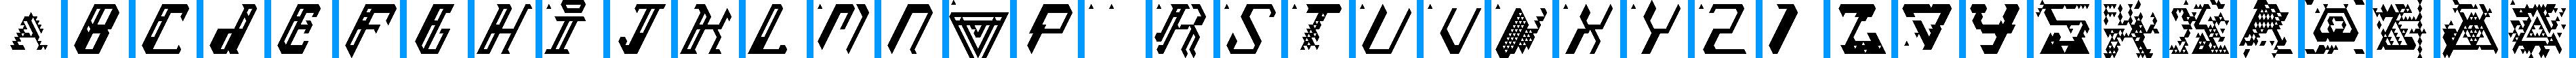 Particip-a-type v.277